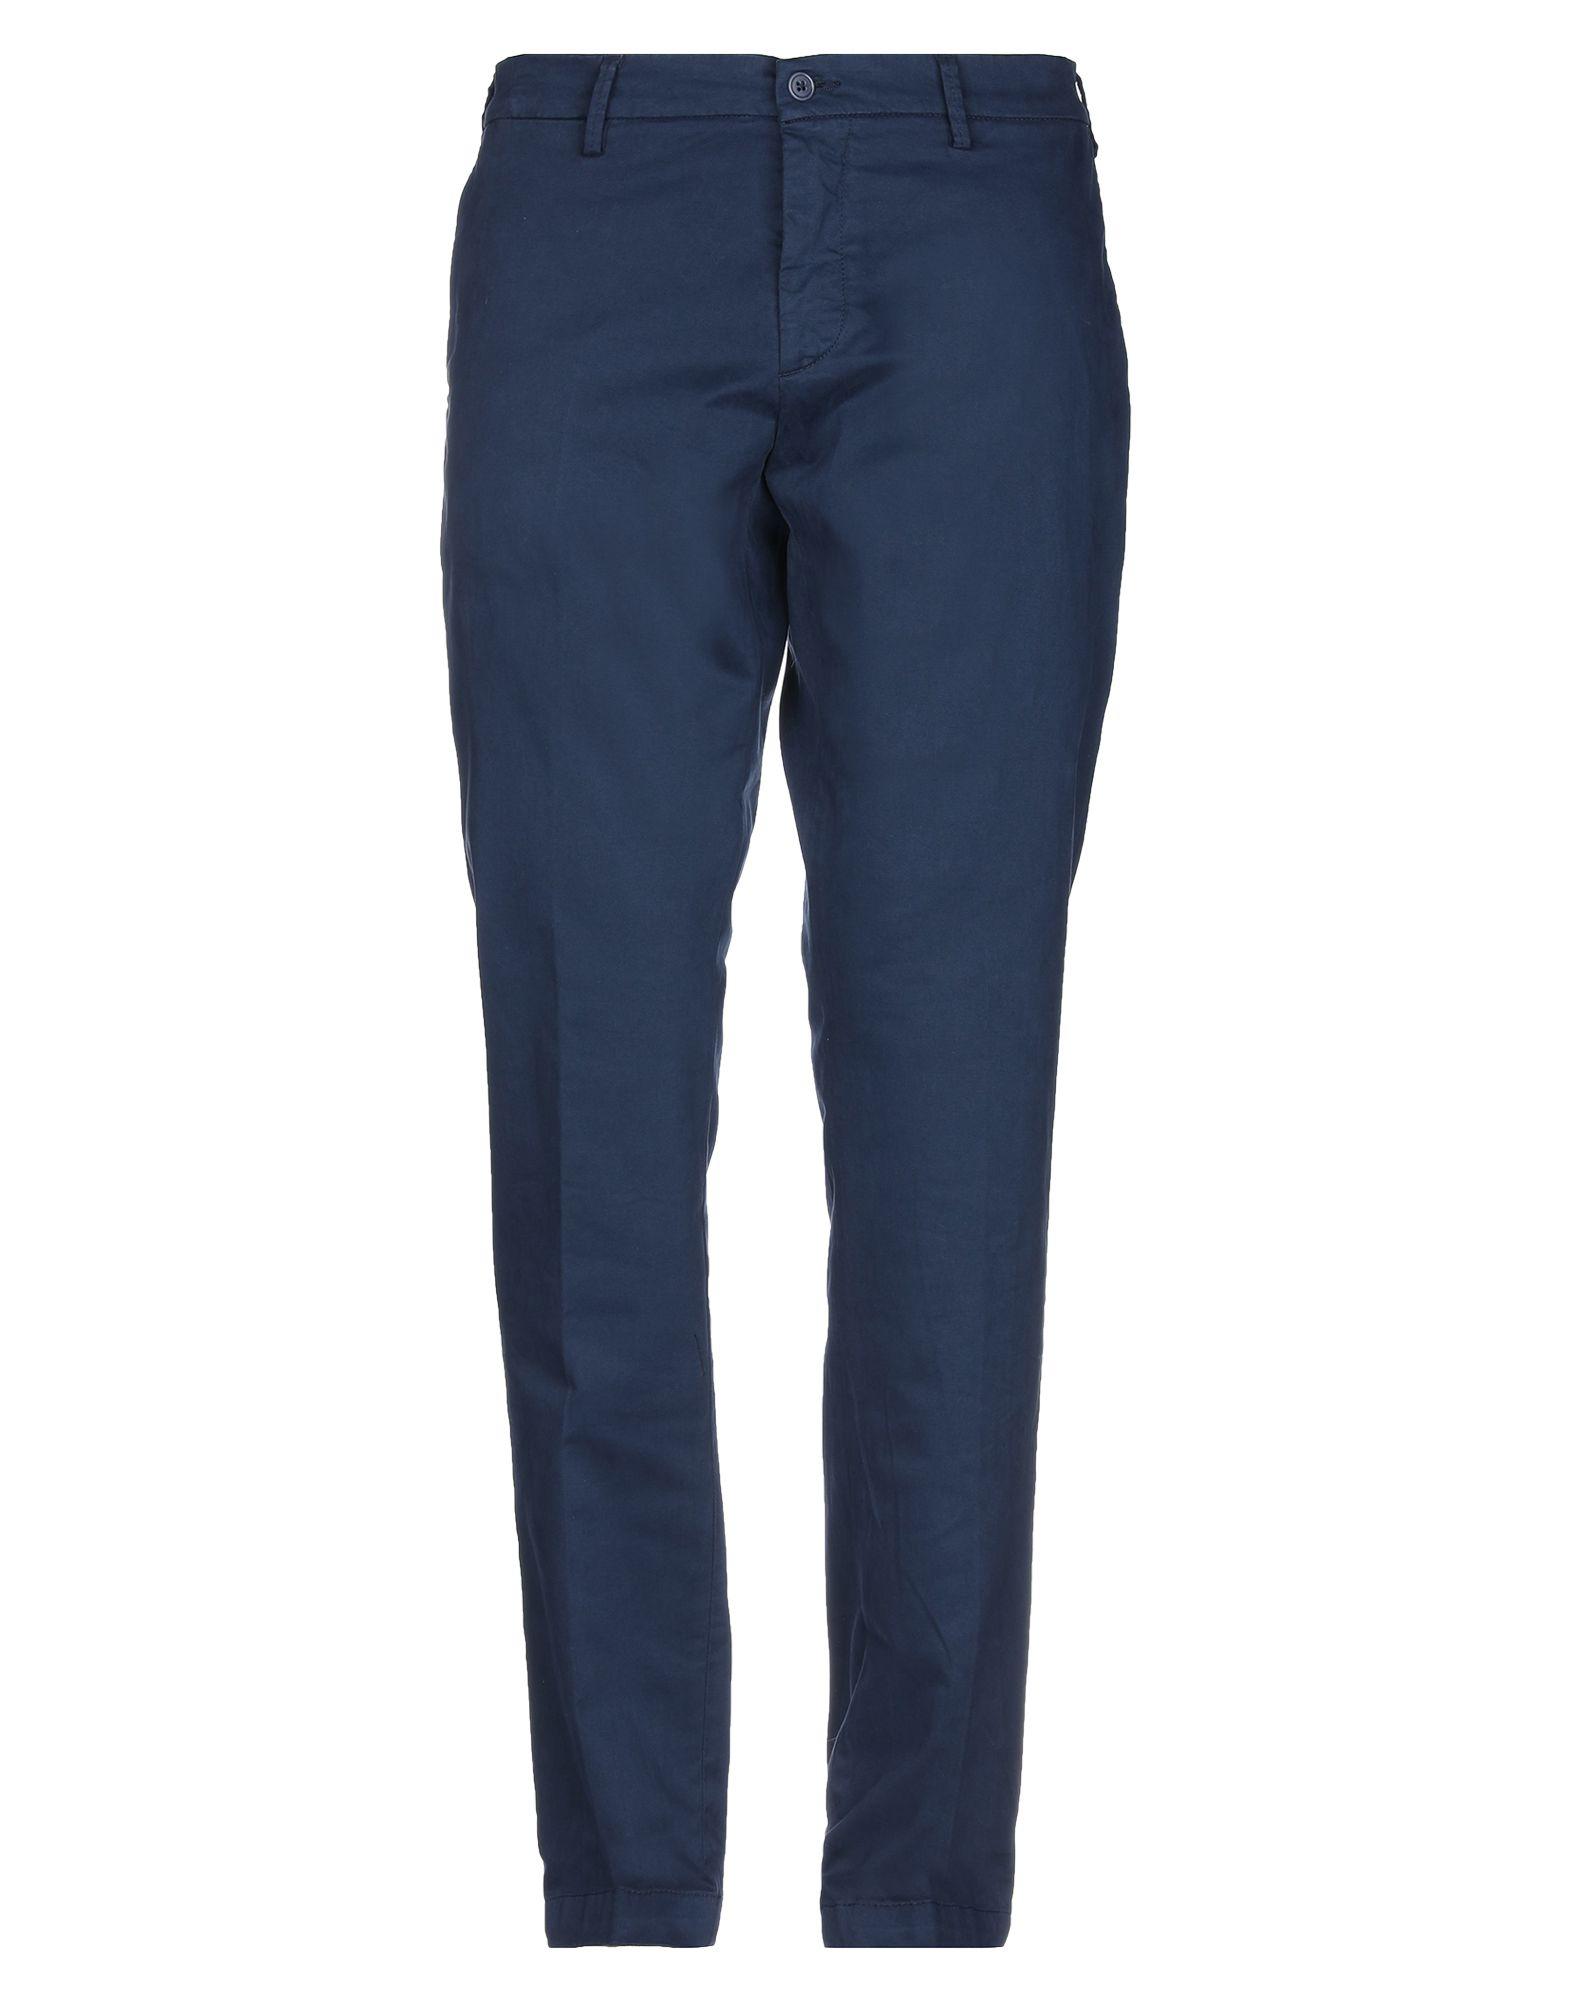 《期間限定セール開催中!》DOUBLE EIGHT メンズ パンツ ダークブルー 46 コットン 97% / ポリウレタン 3%